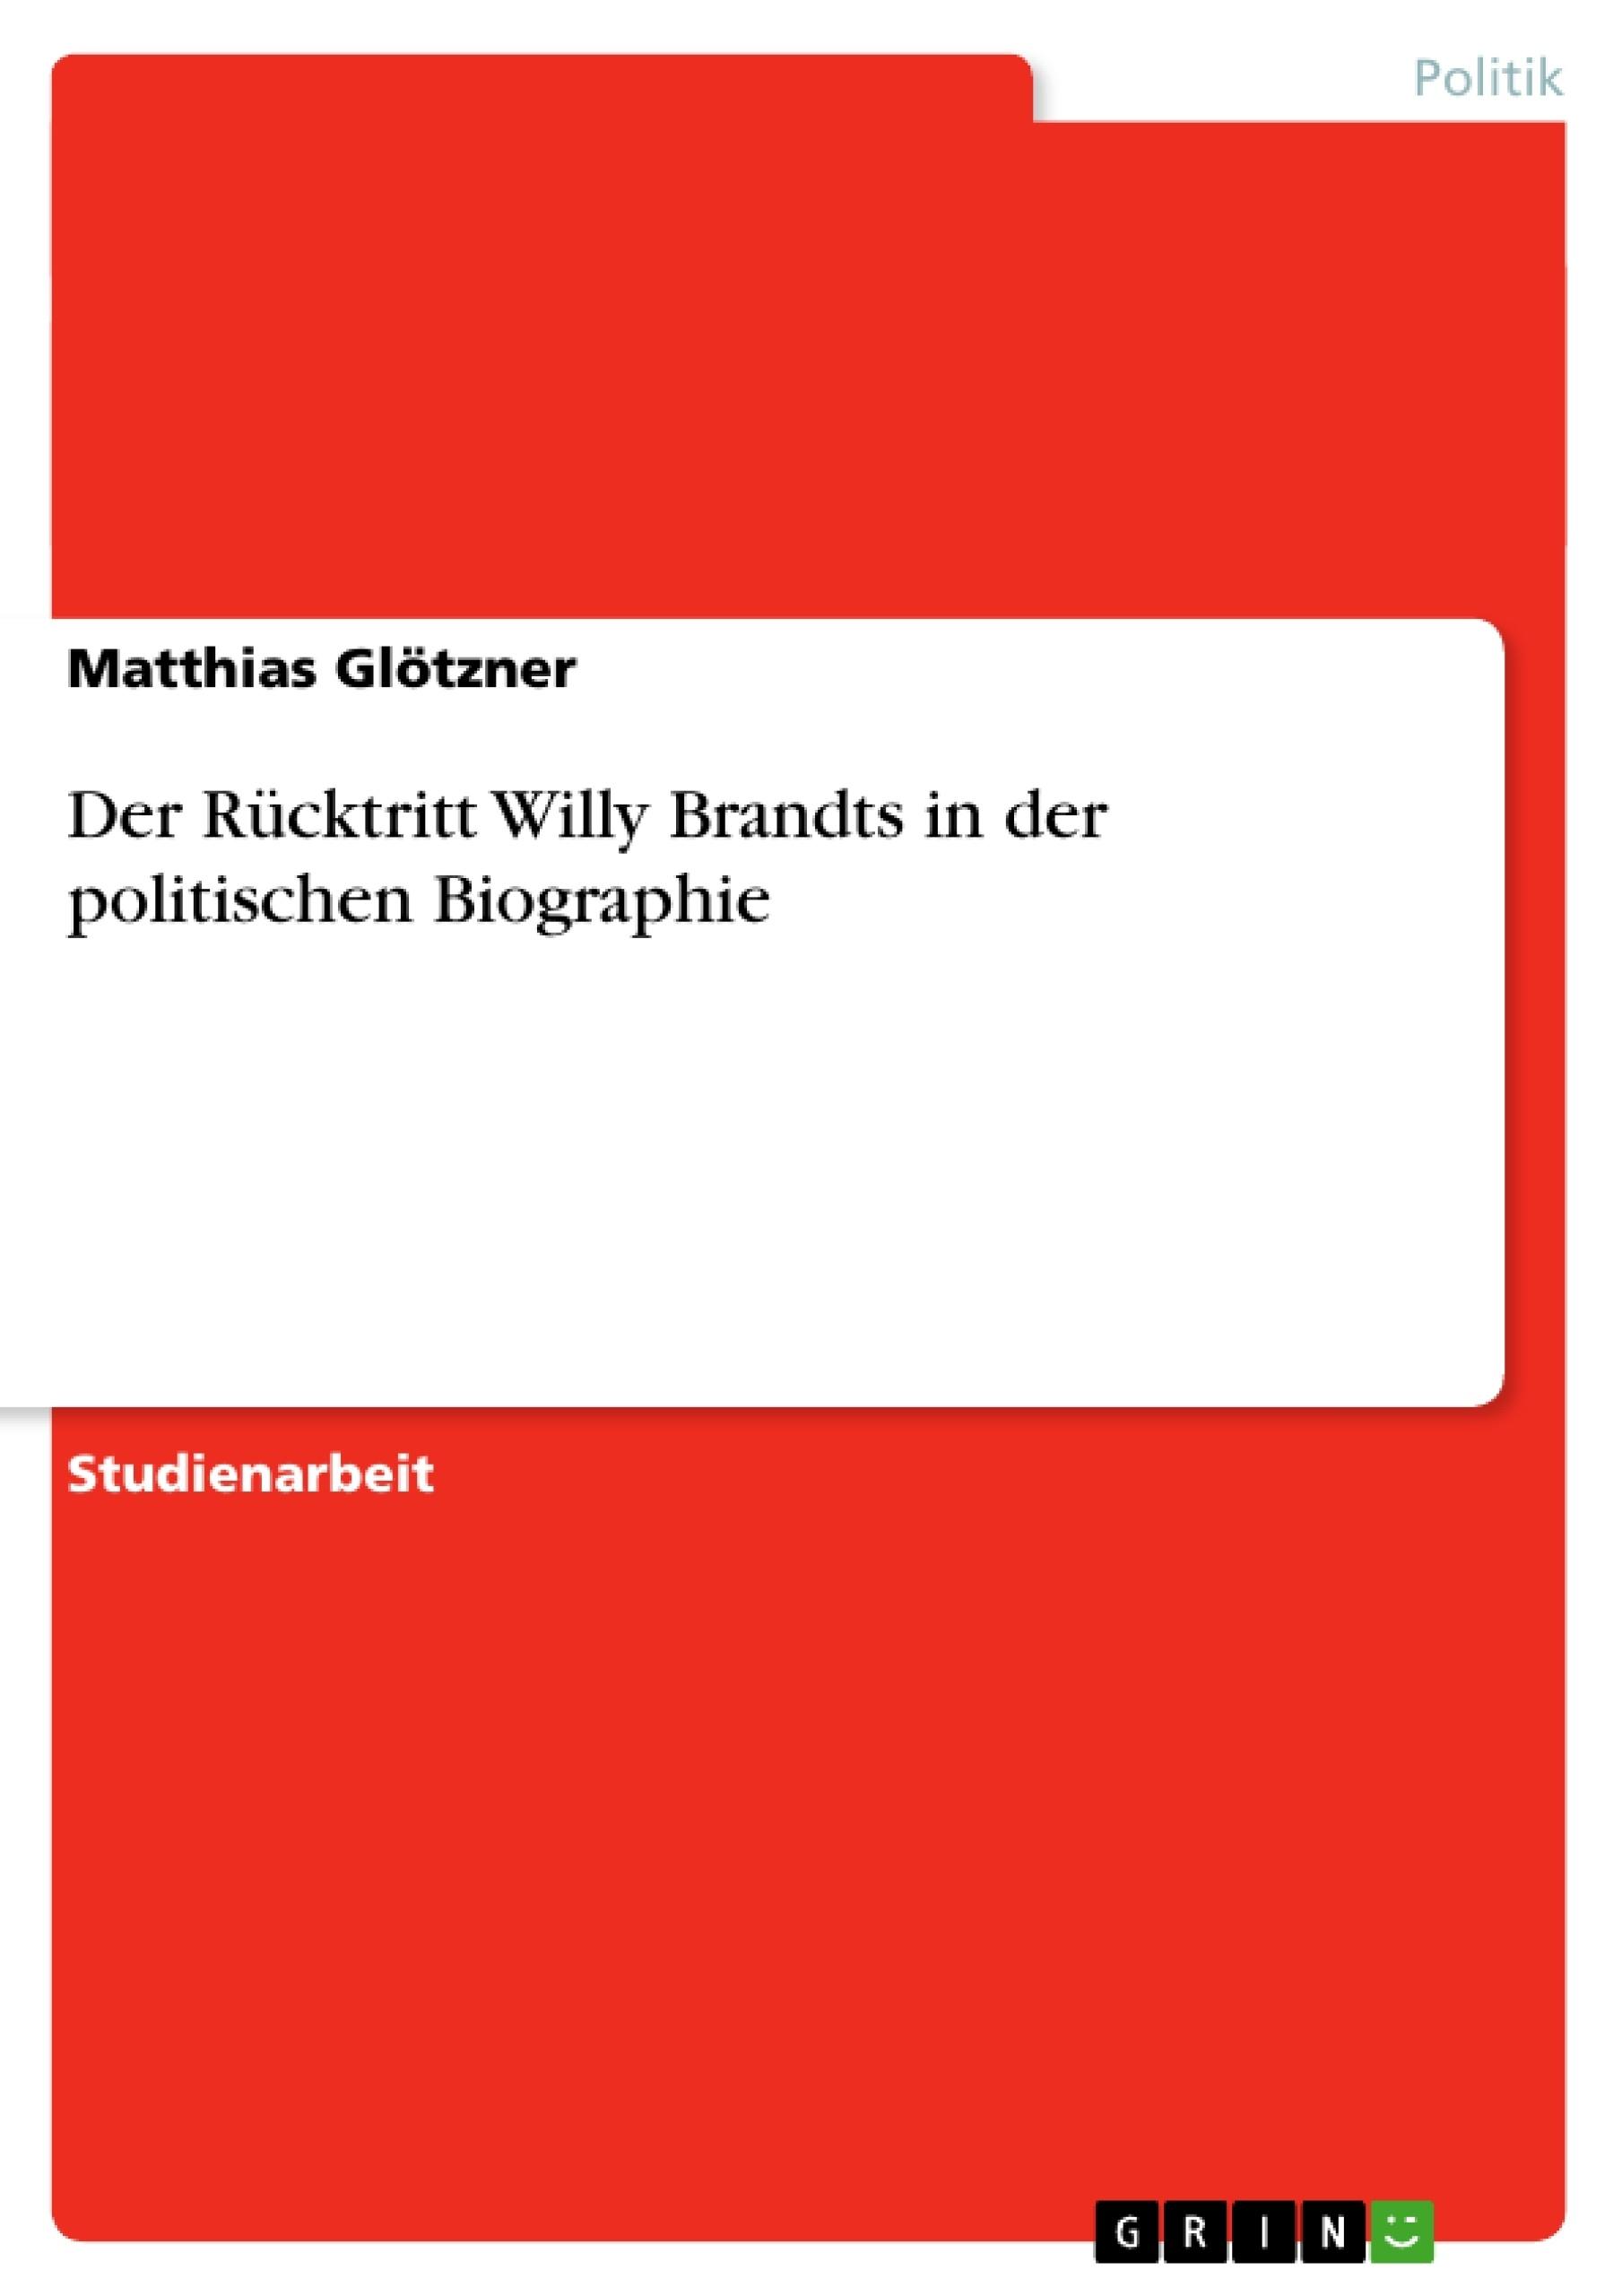 Titel: Der Rücktritt Willy Brandts in der politischen Biographie